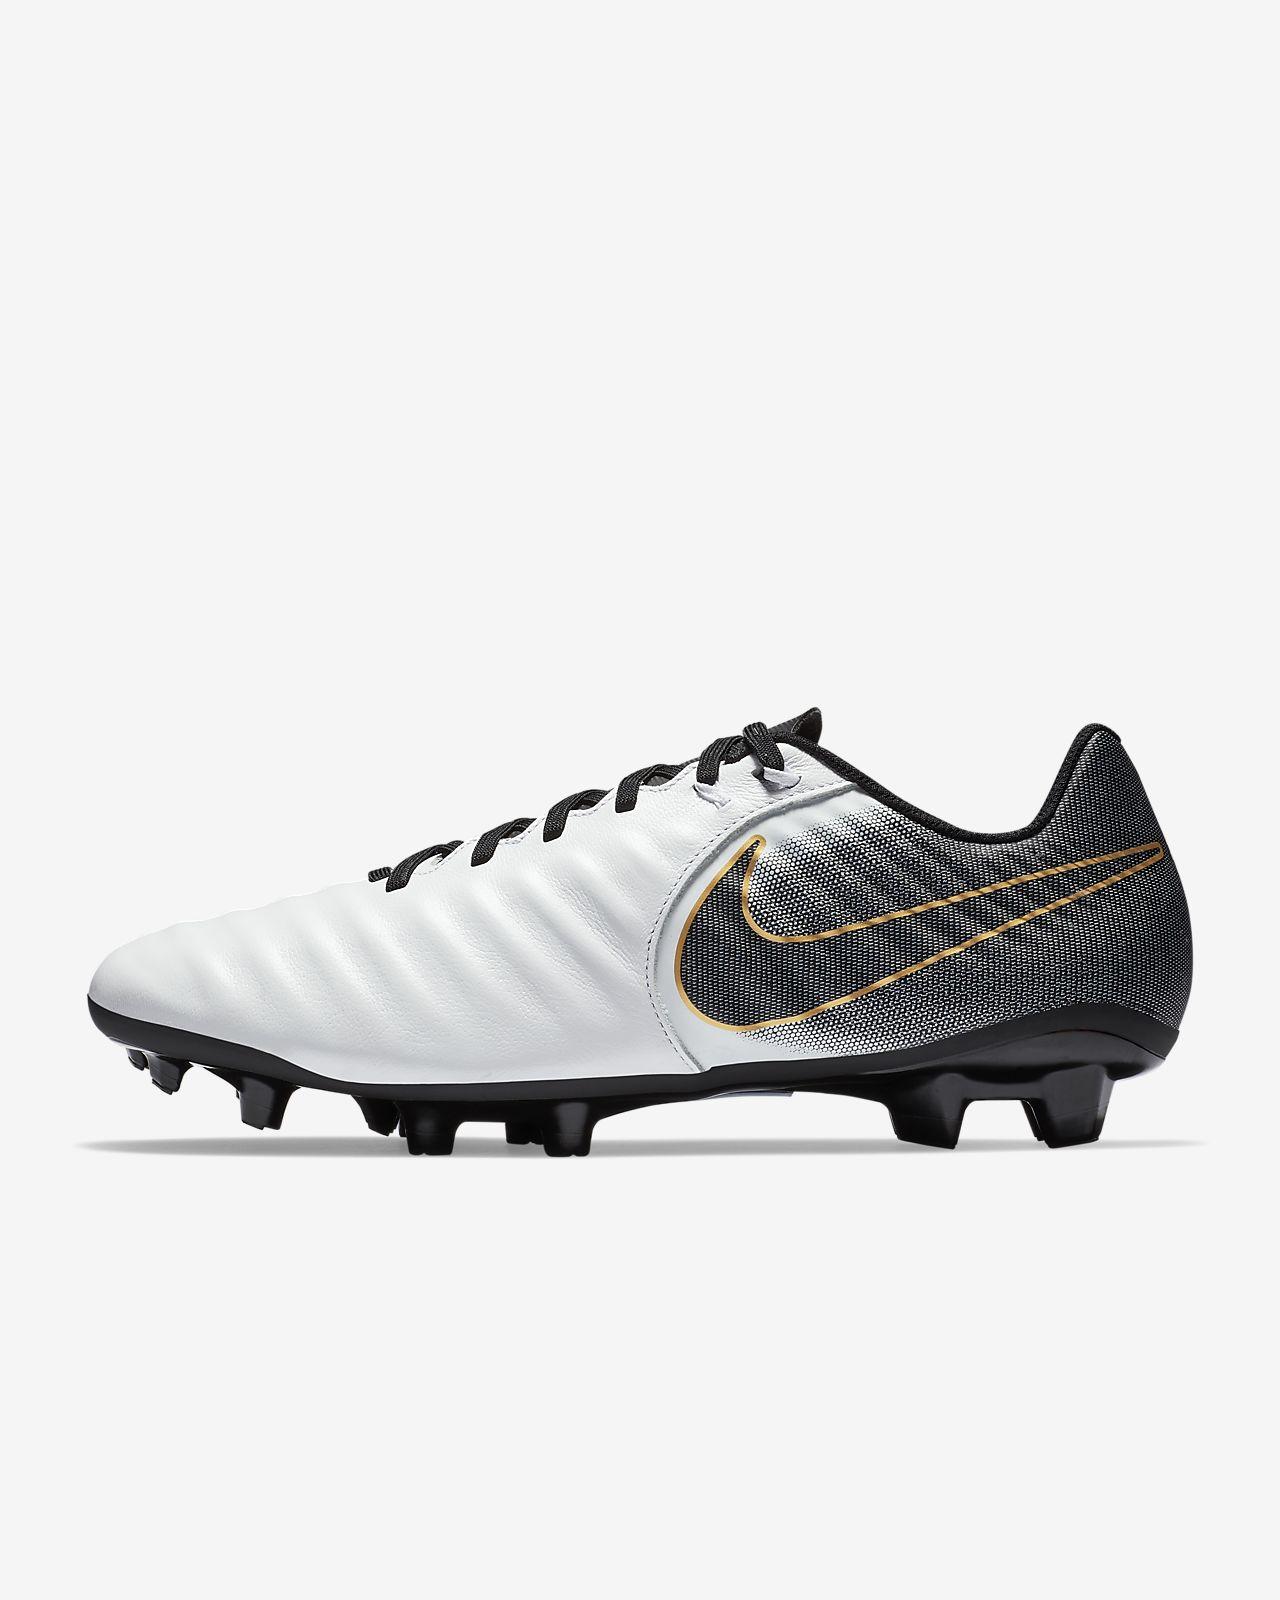 d9046852 ... spain nike tiempo legend vii academy fodboldstøvle til fast underlag  e4c16 471a2